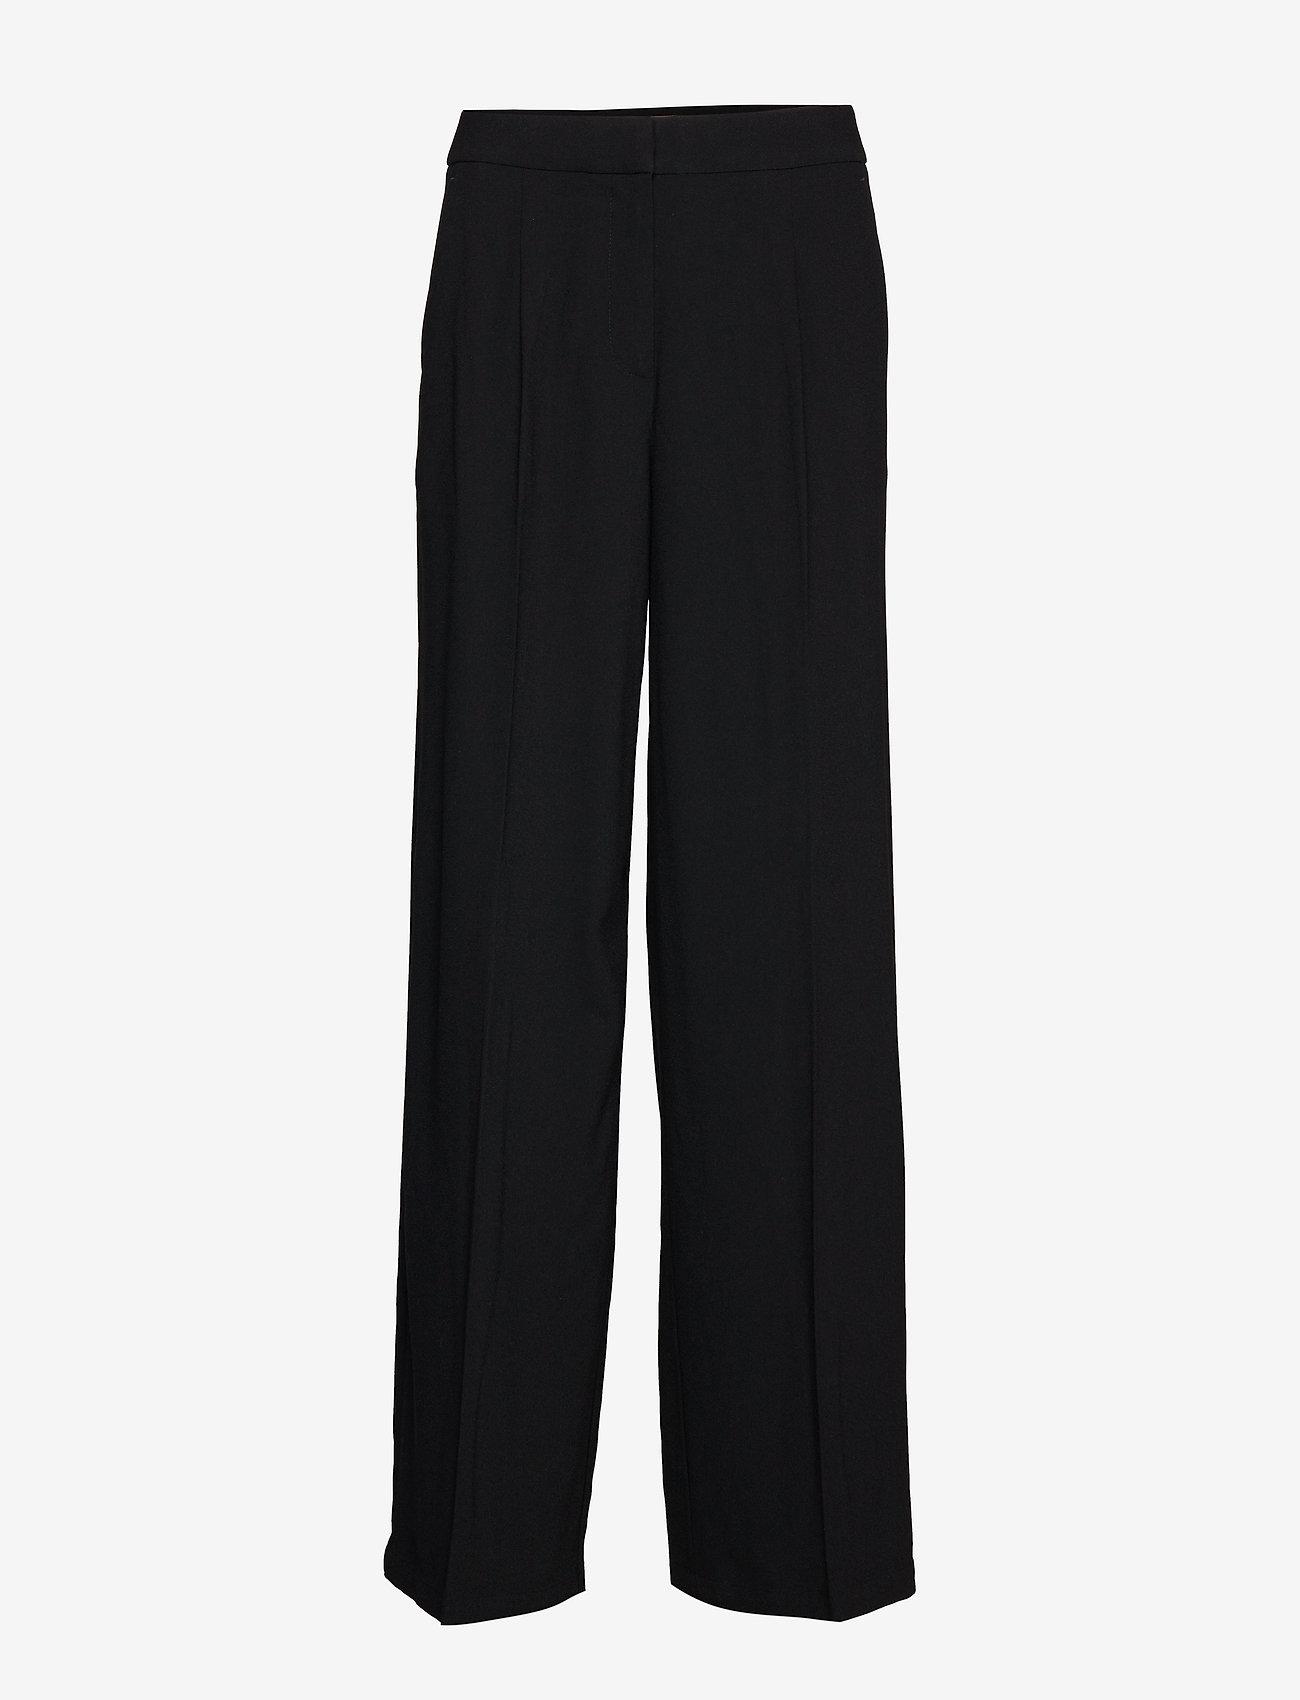 Selected Femme - SLFTINNI MW WIDE PANT B NOOS - bukser med brede ben - black - 0